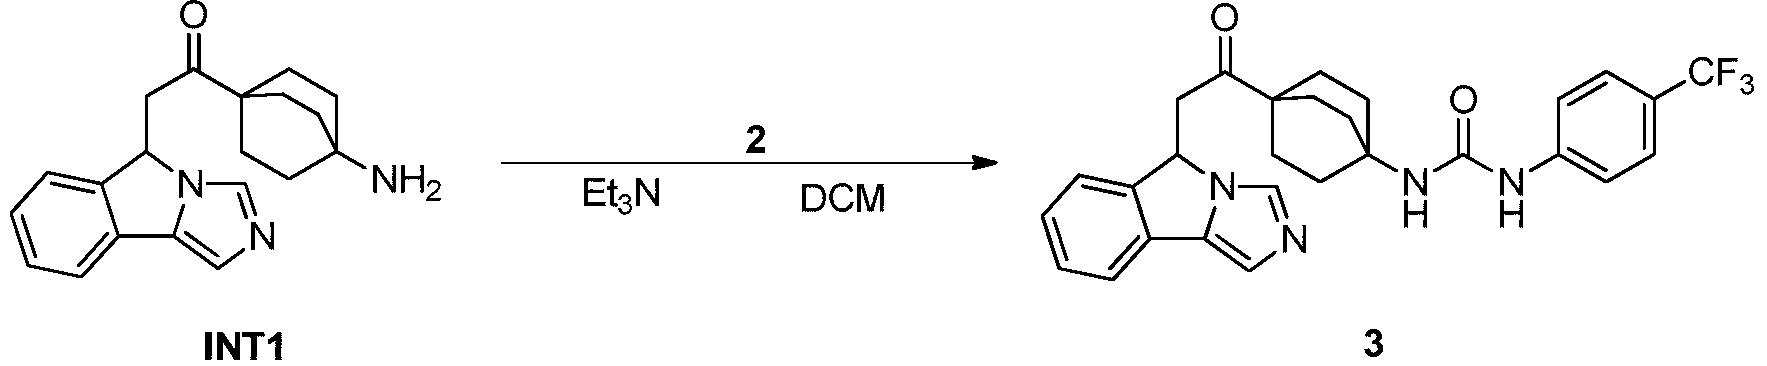 Figure PCTCN2017084604-appb-000257